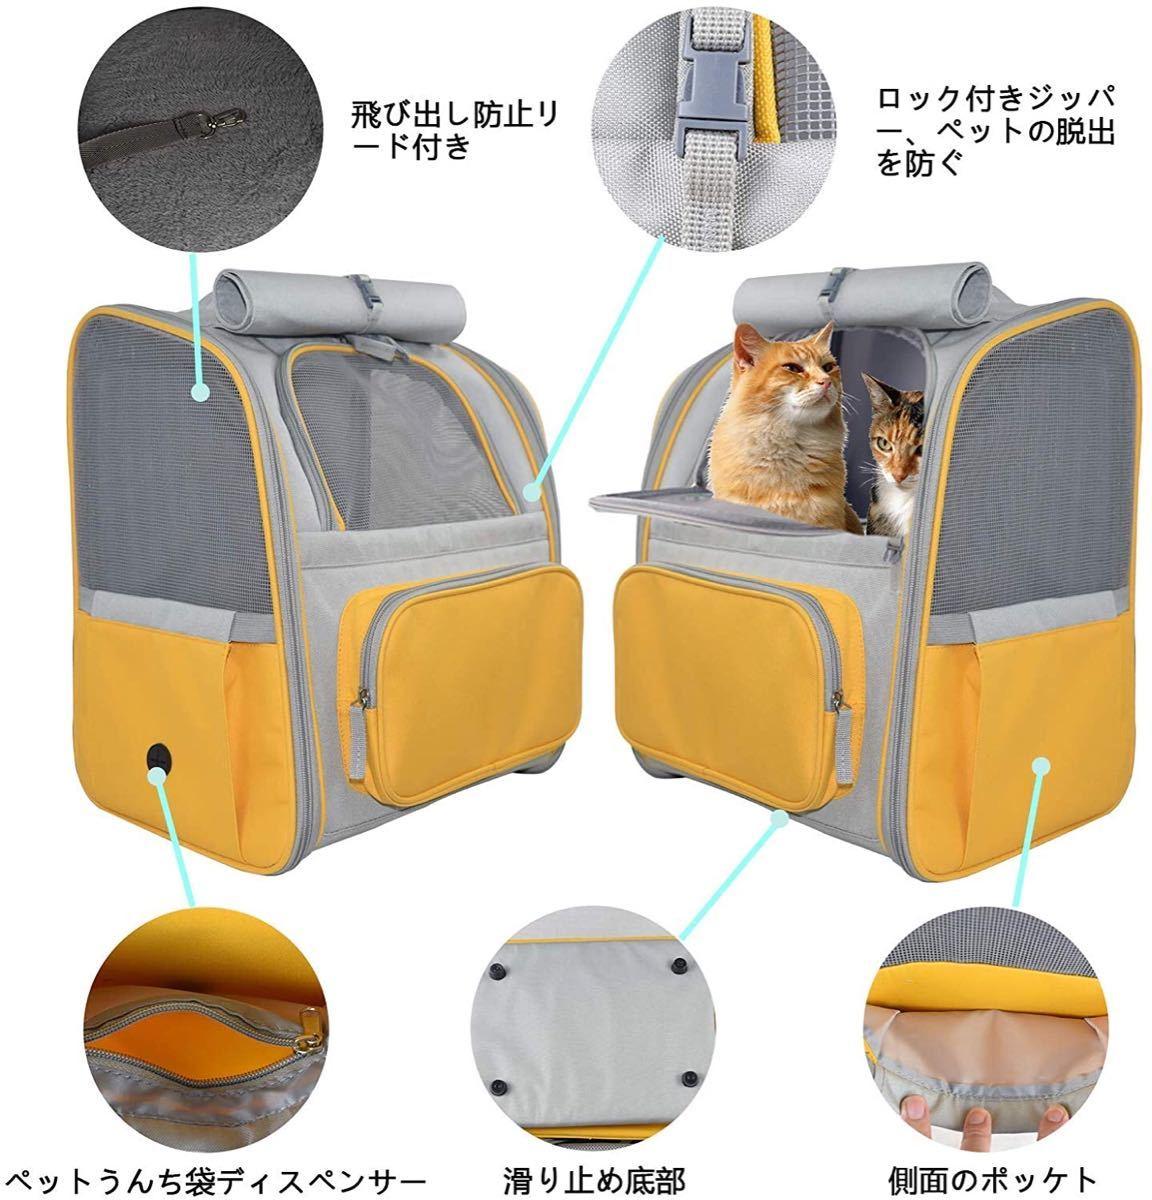 猫キャリーリュック 折りたたみ おしゃれ お出かけ用 持ち運び便利 小型犬